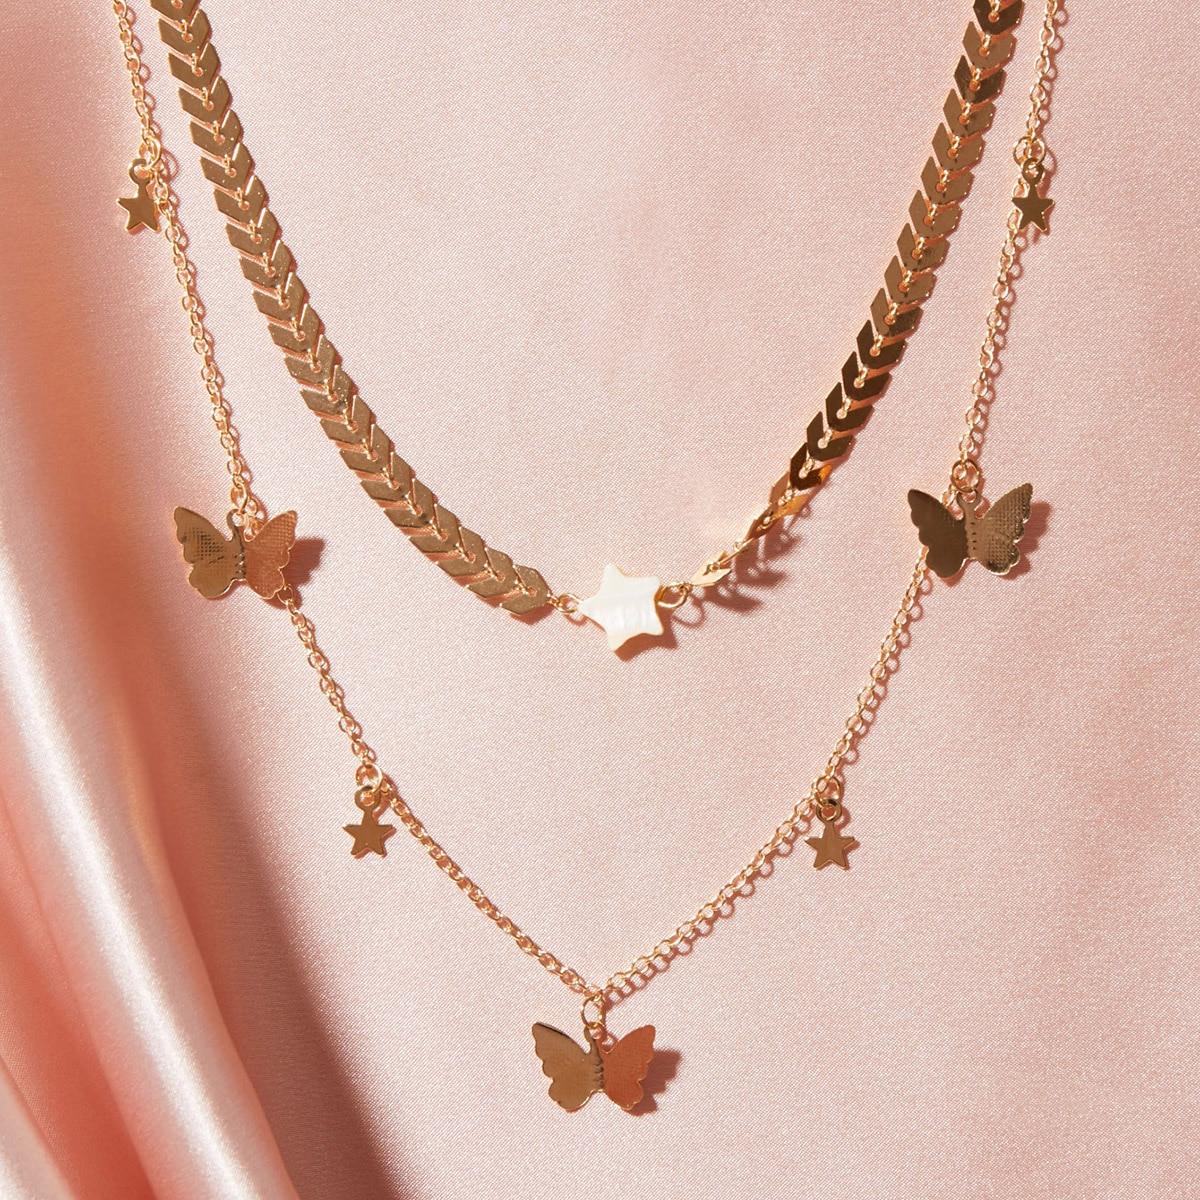 SHEIN / Halskette mit Schmetterling & Stern Anhänger 2 Stücke